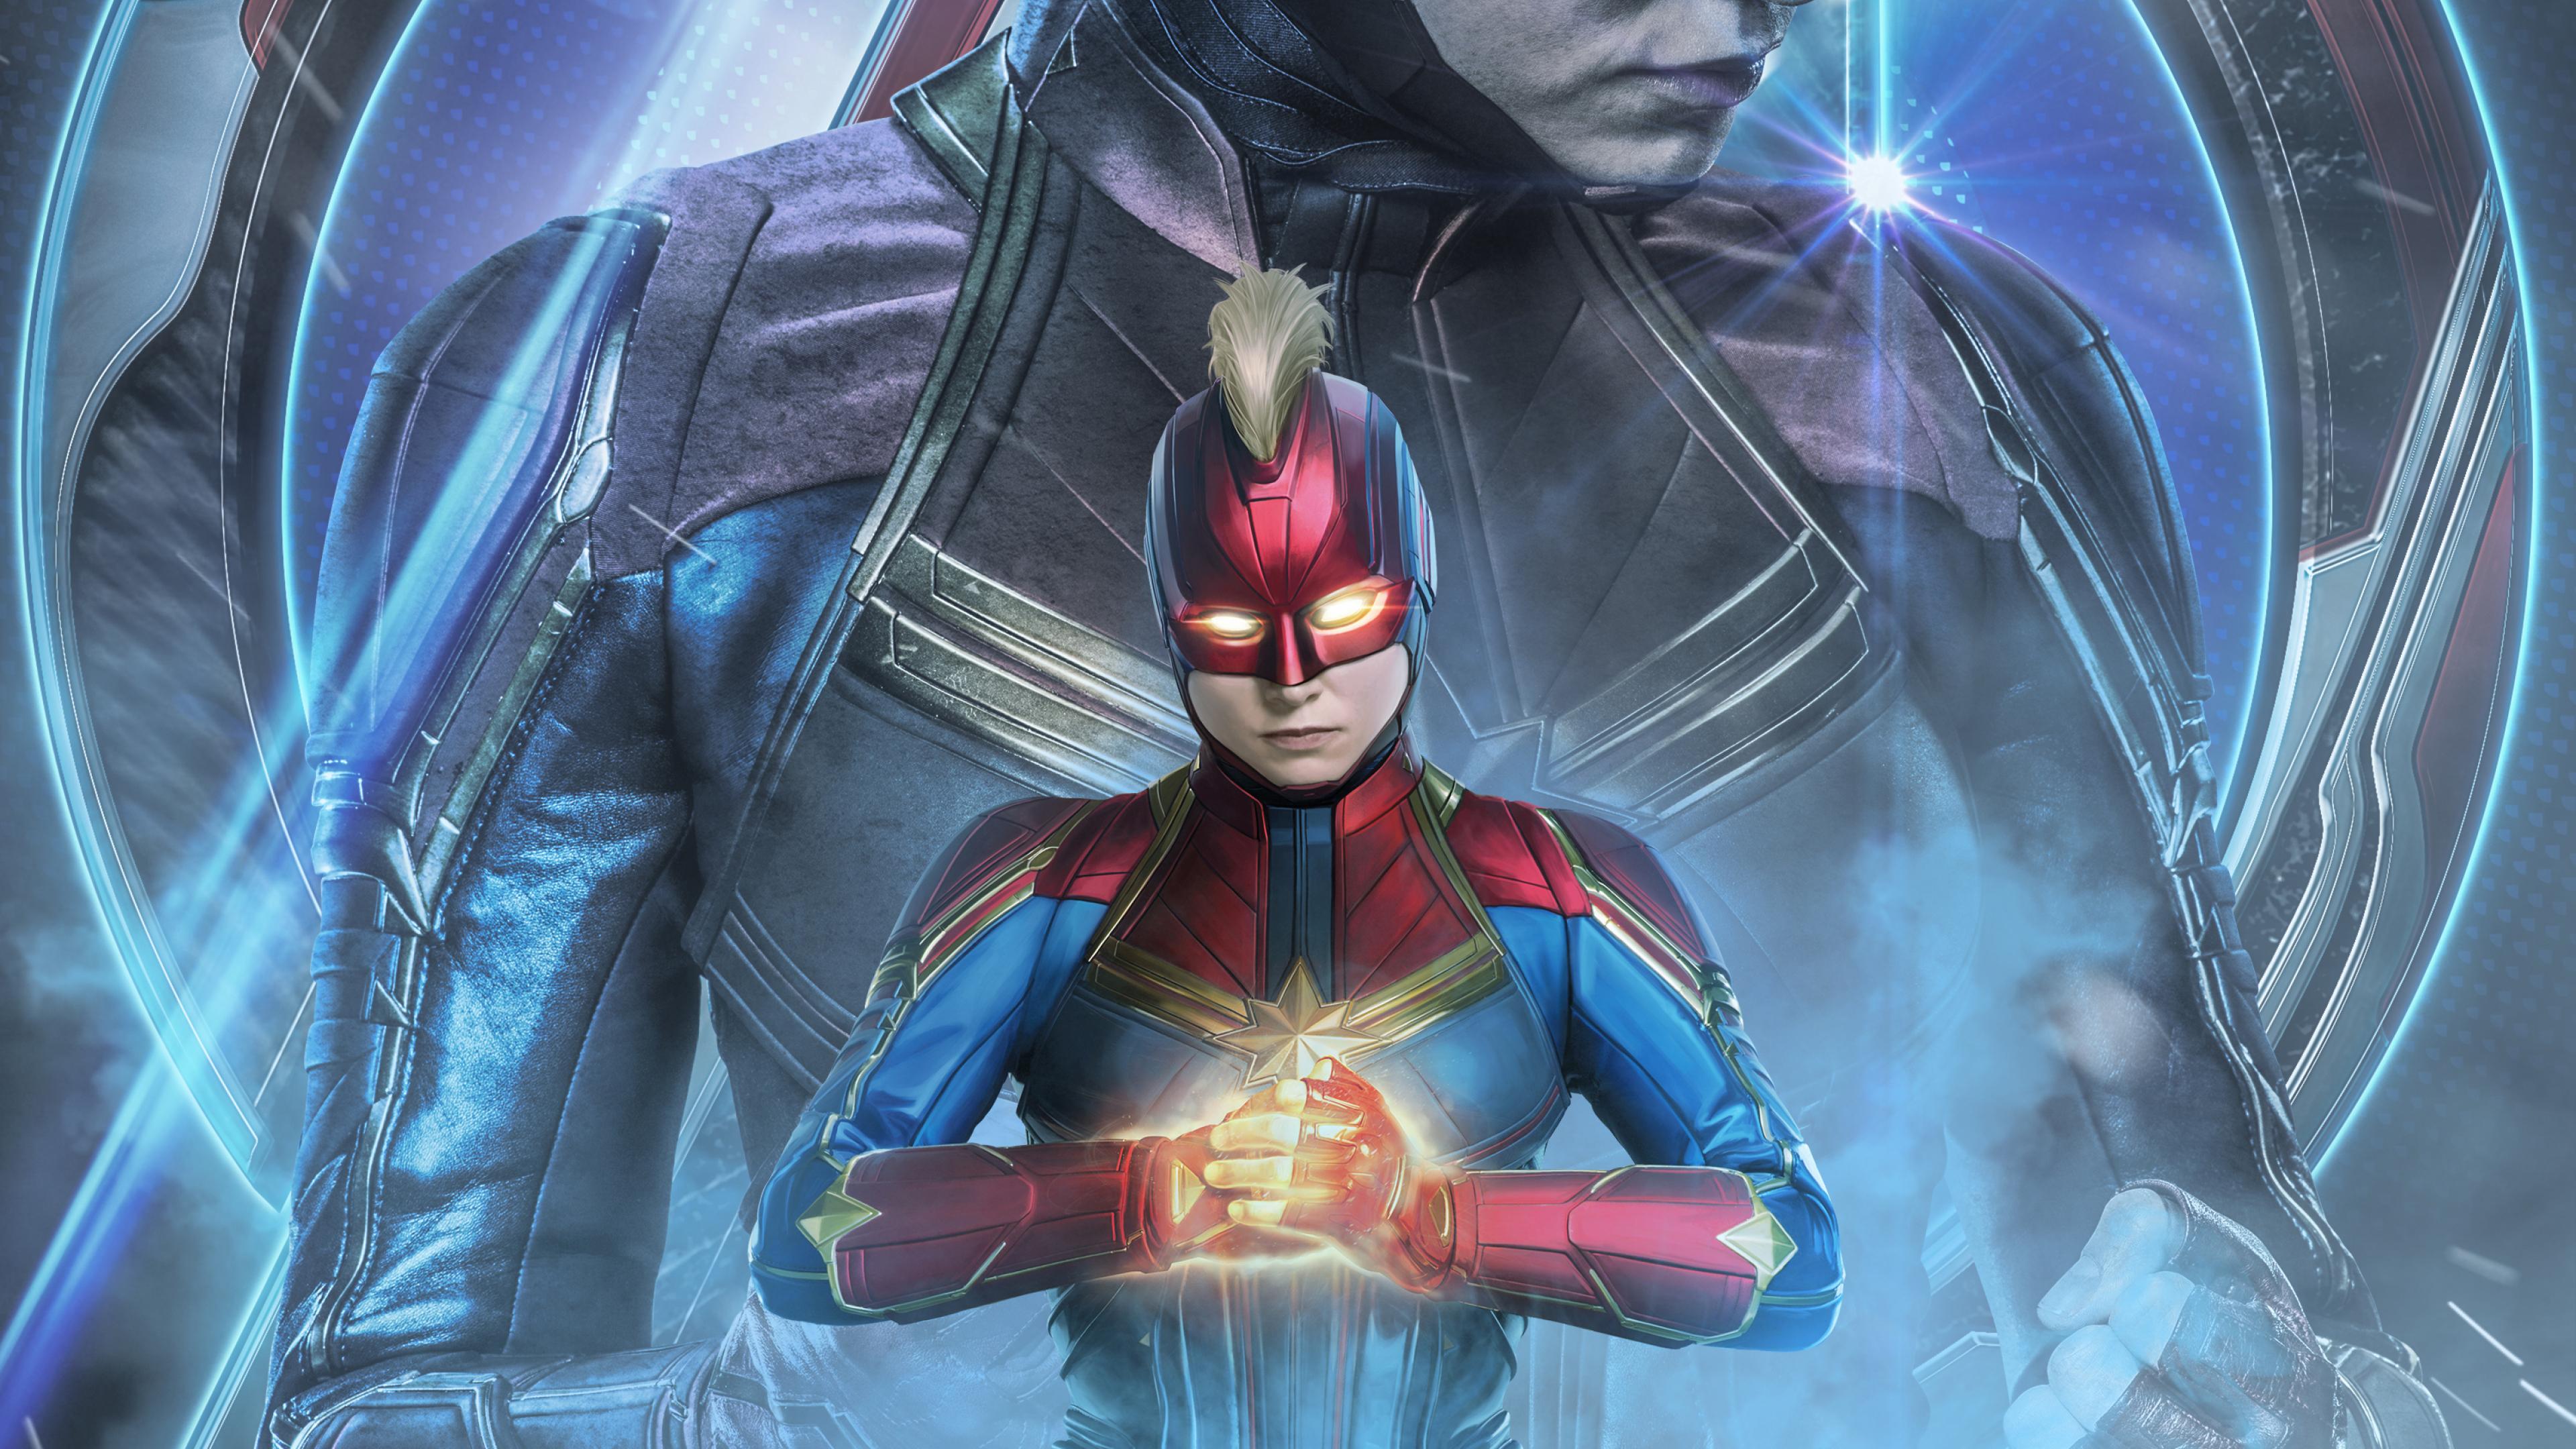 3840x2160 Avengers Endgame Captain Marvel Poster Art 4K ...